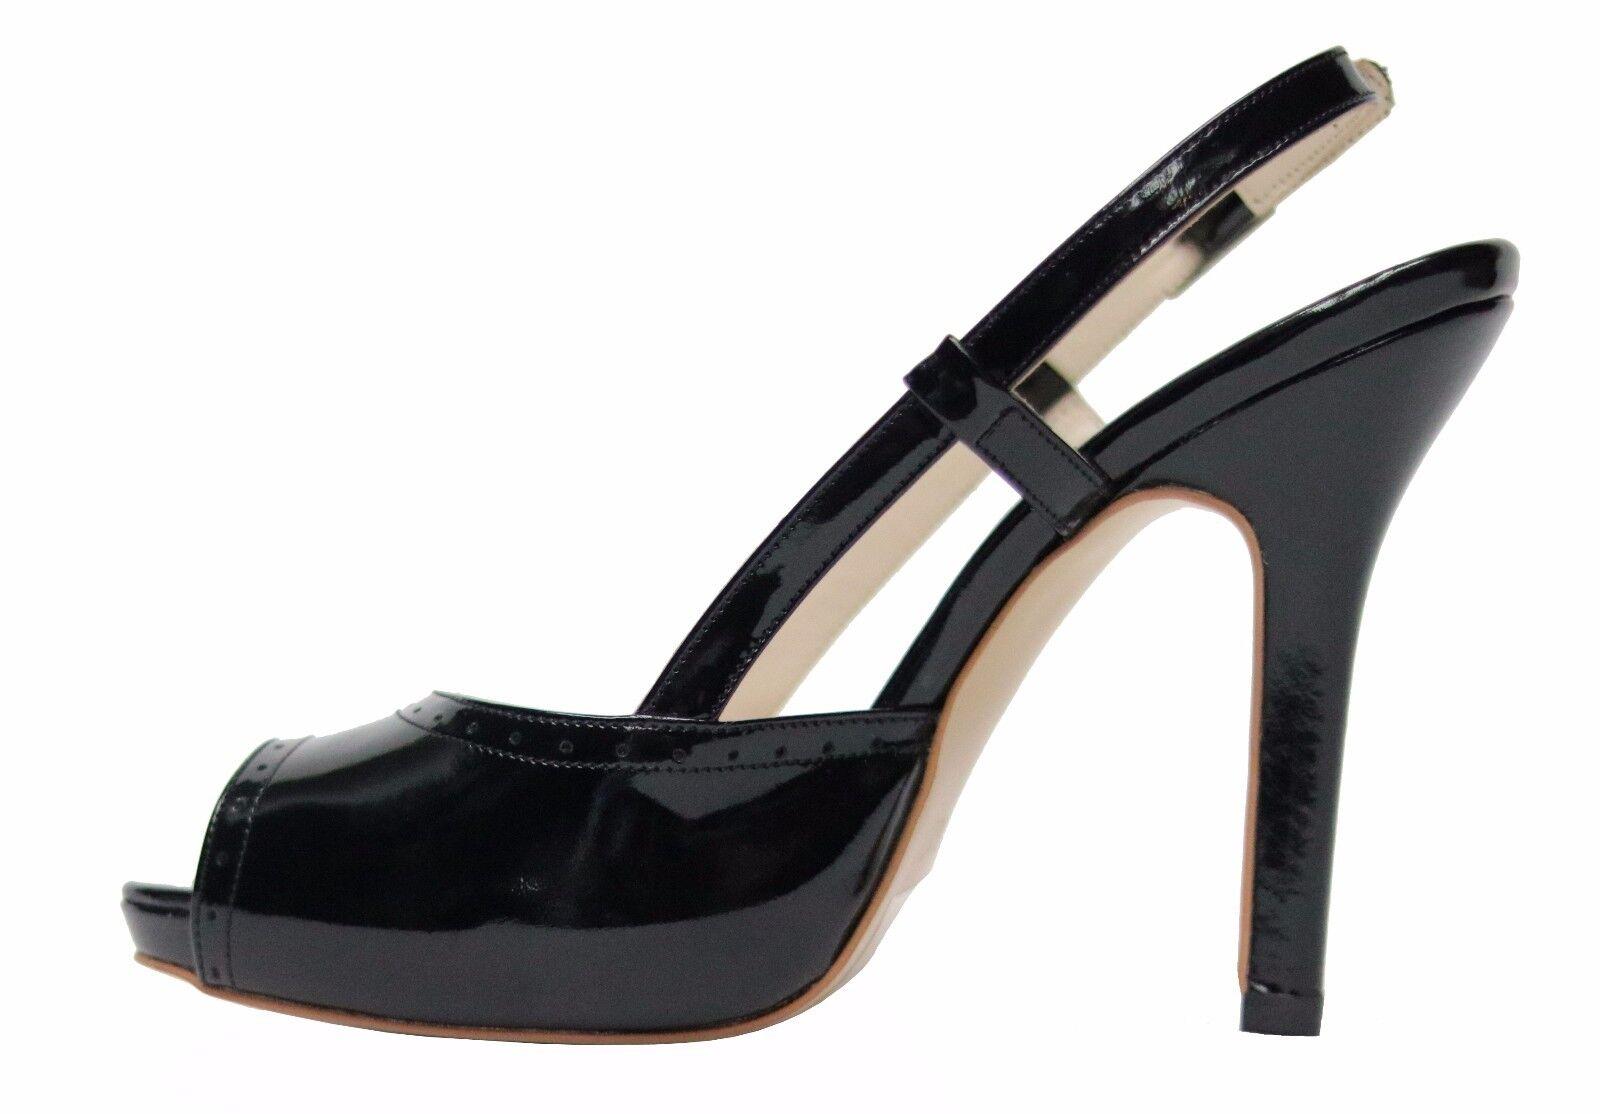 Echtleder Damen Schuhe Lack Schuhe Damen Pumps Gr.37 Schwarz 8372f2